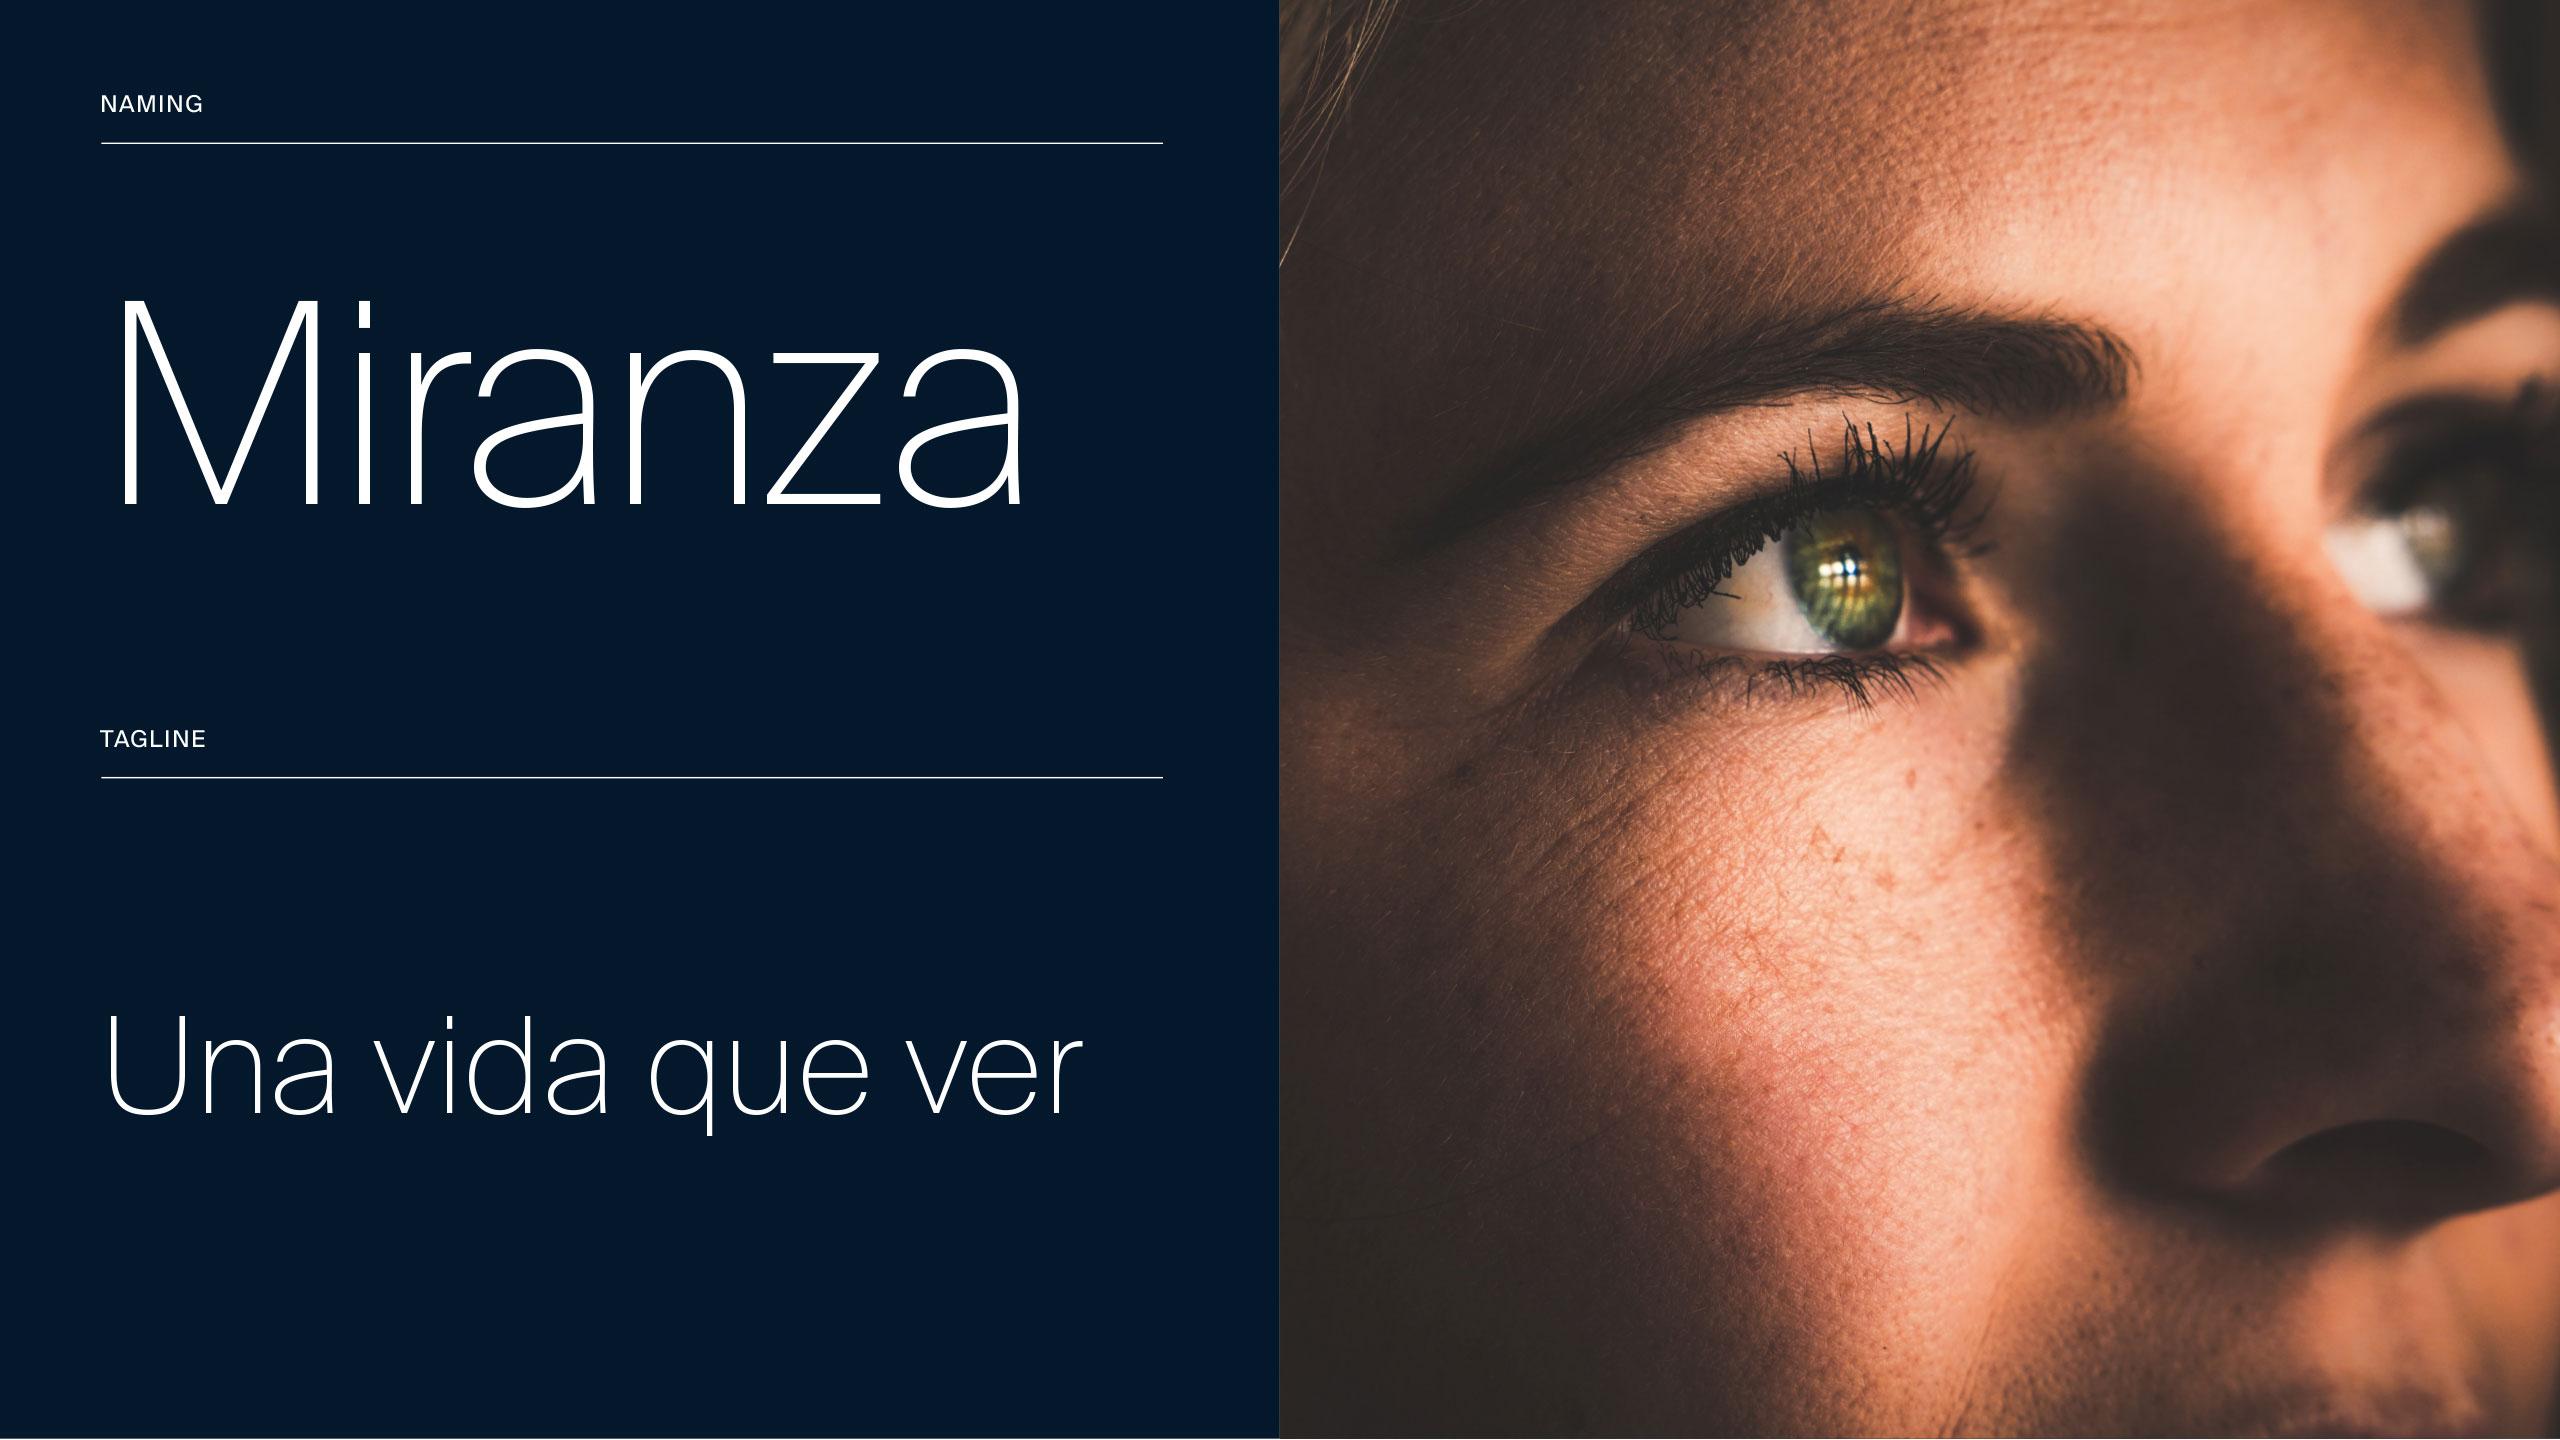 Naming Miranza